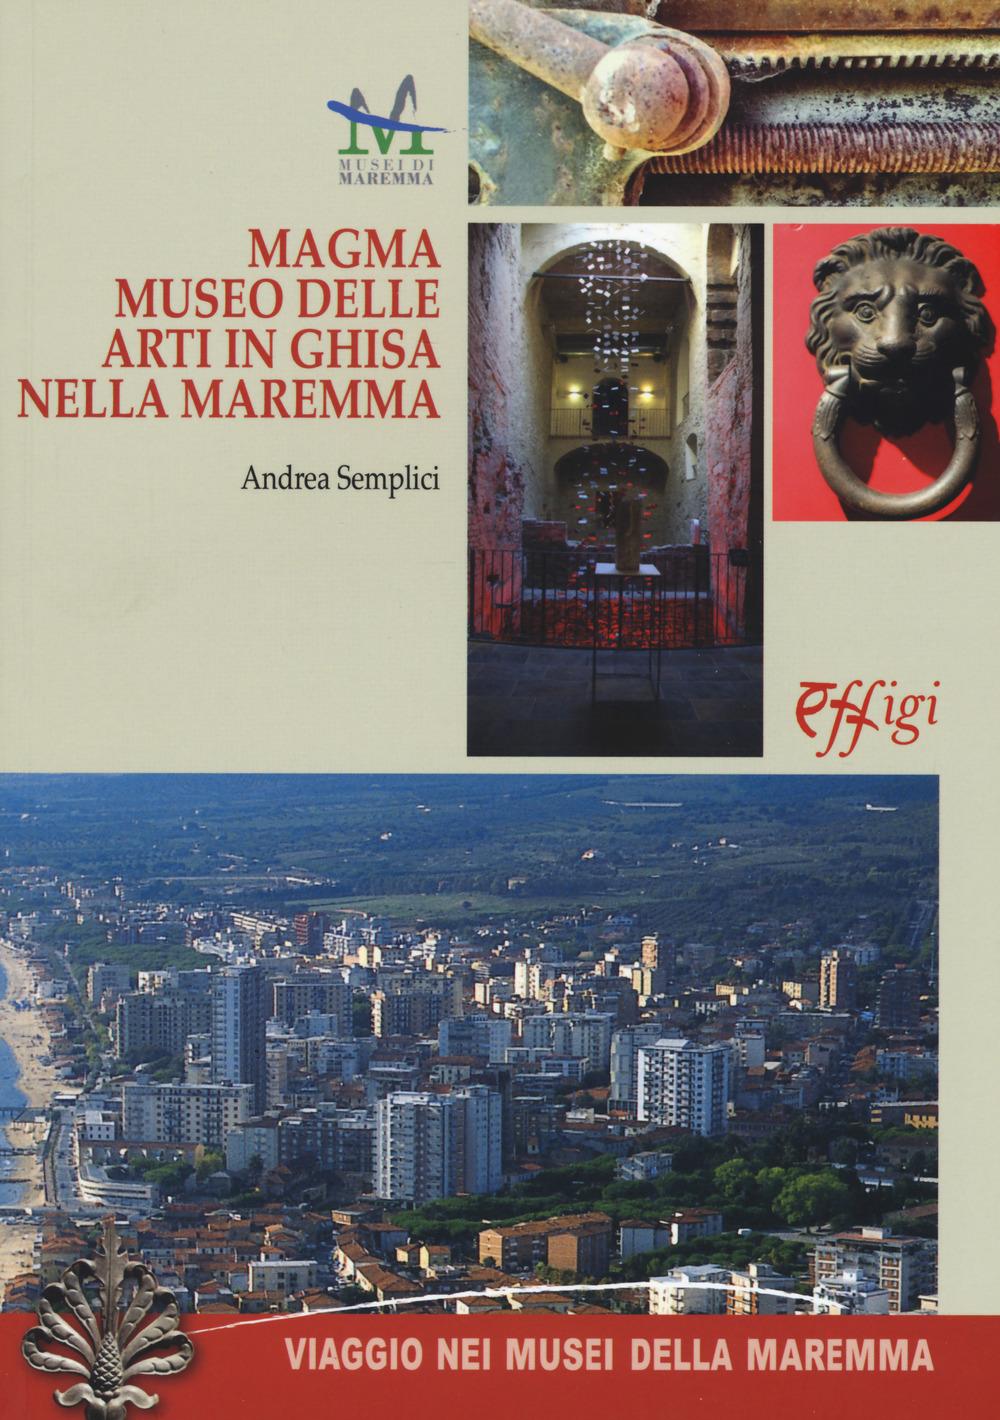 MAGMA. MUSEO DELLE ARTI IN GHISA DELLA MAREMMA - 9788864337449